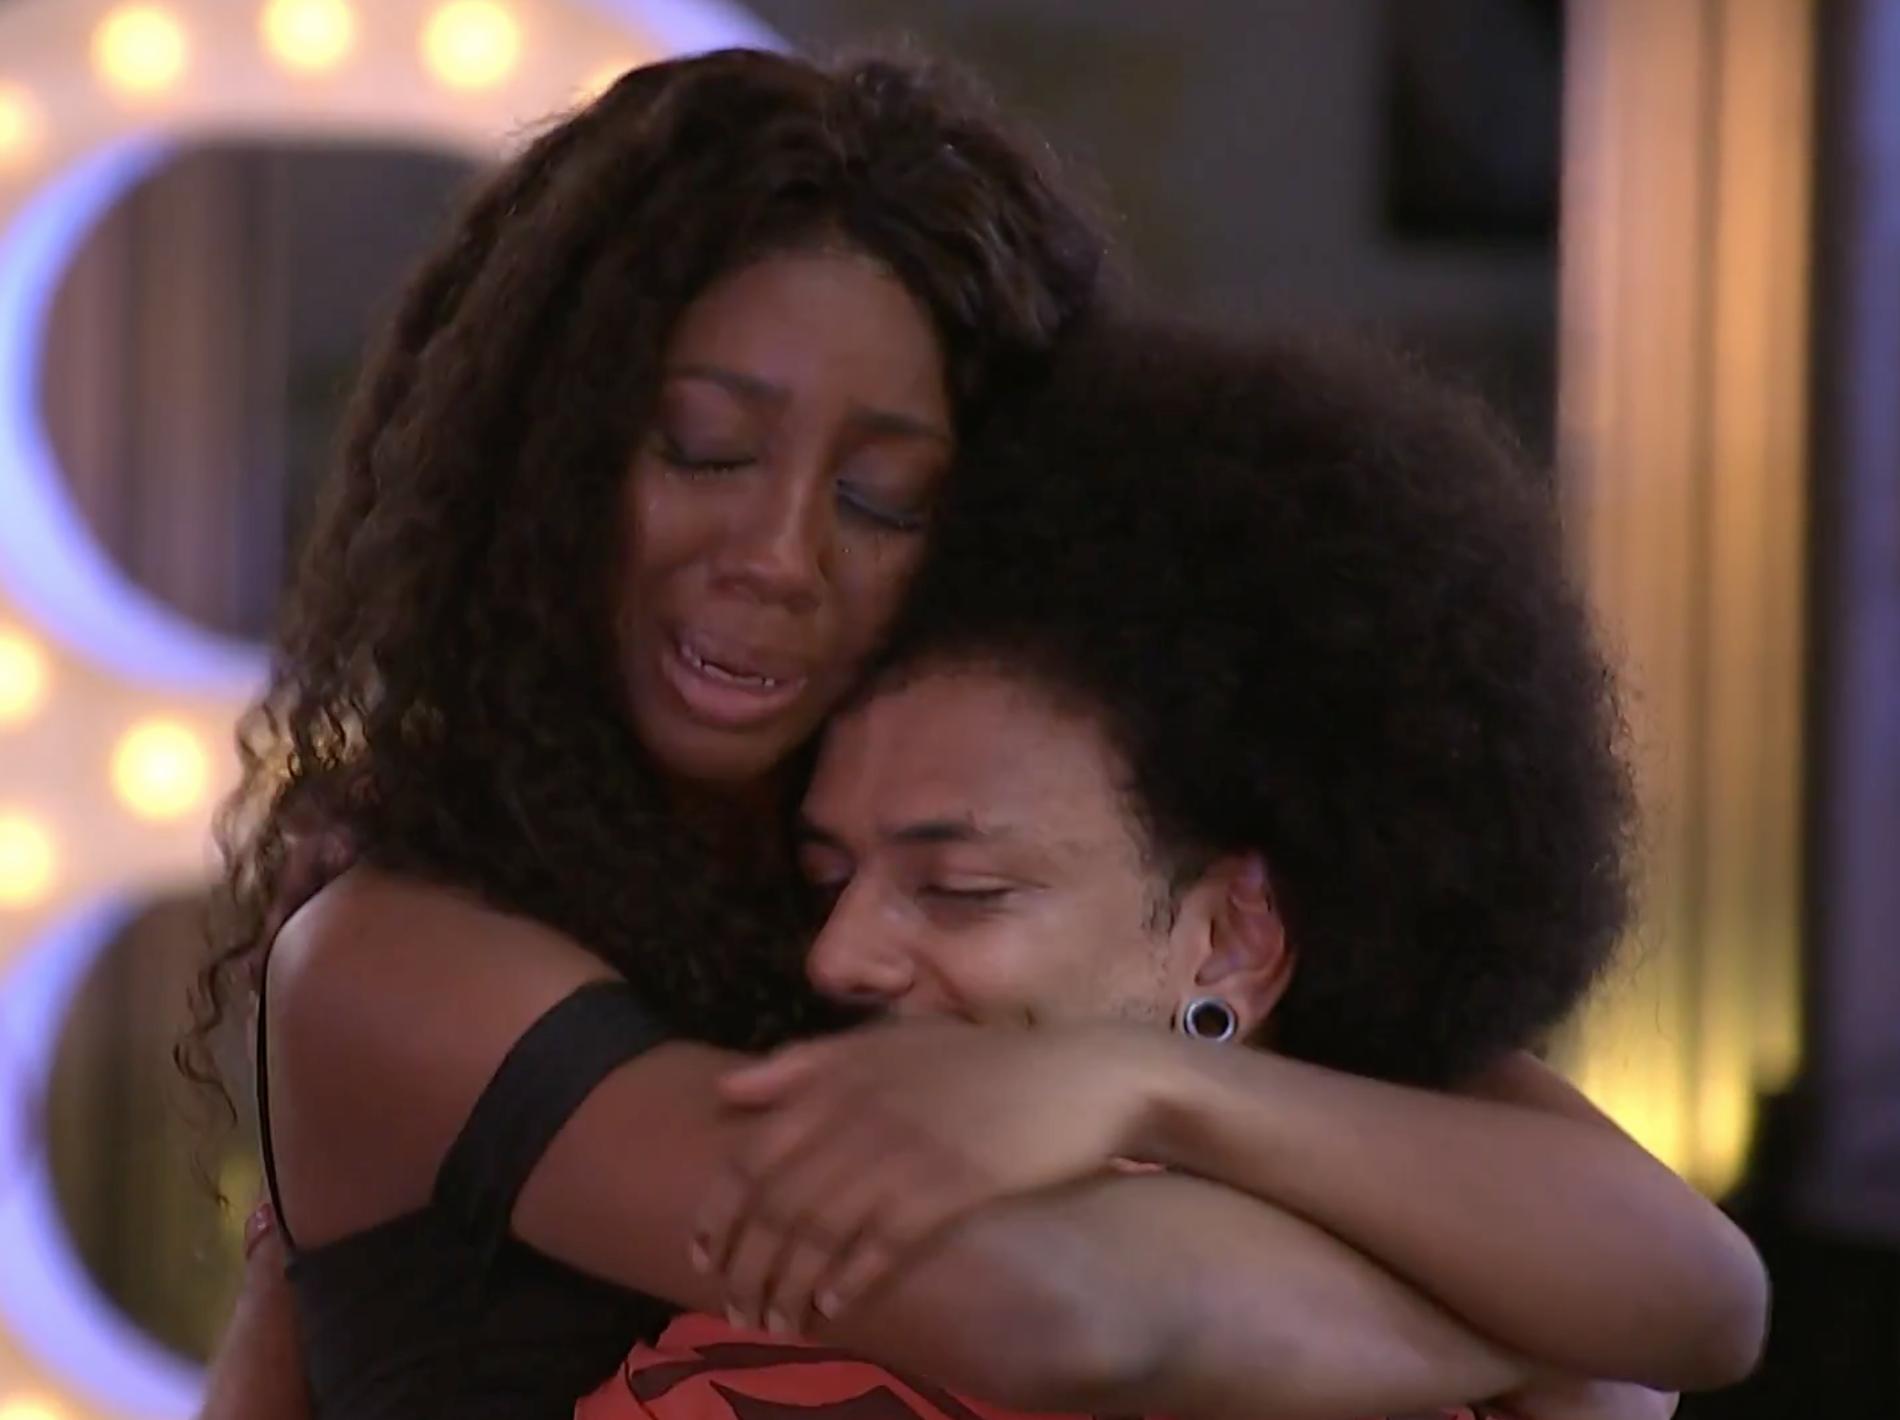 Camilla de Lucas e João Luiz abraçados no BBB21. Ambos estão de olhos fechados. Camilla chora